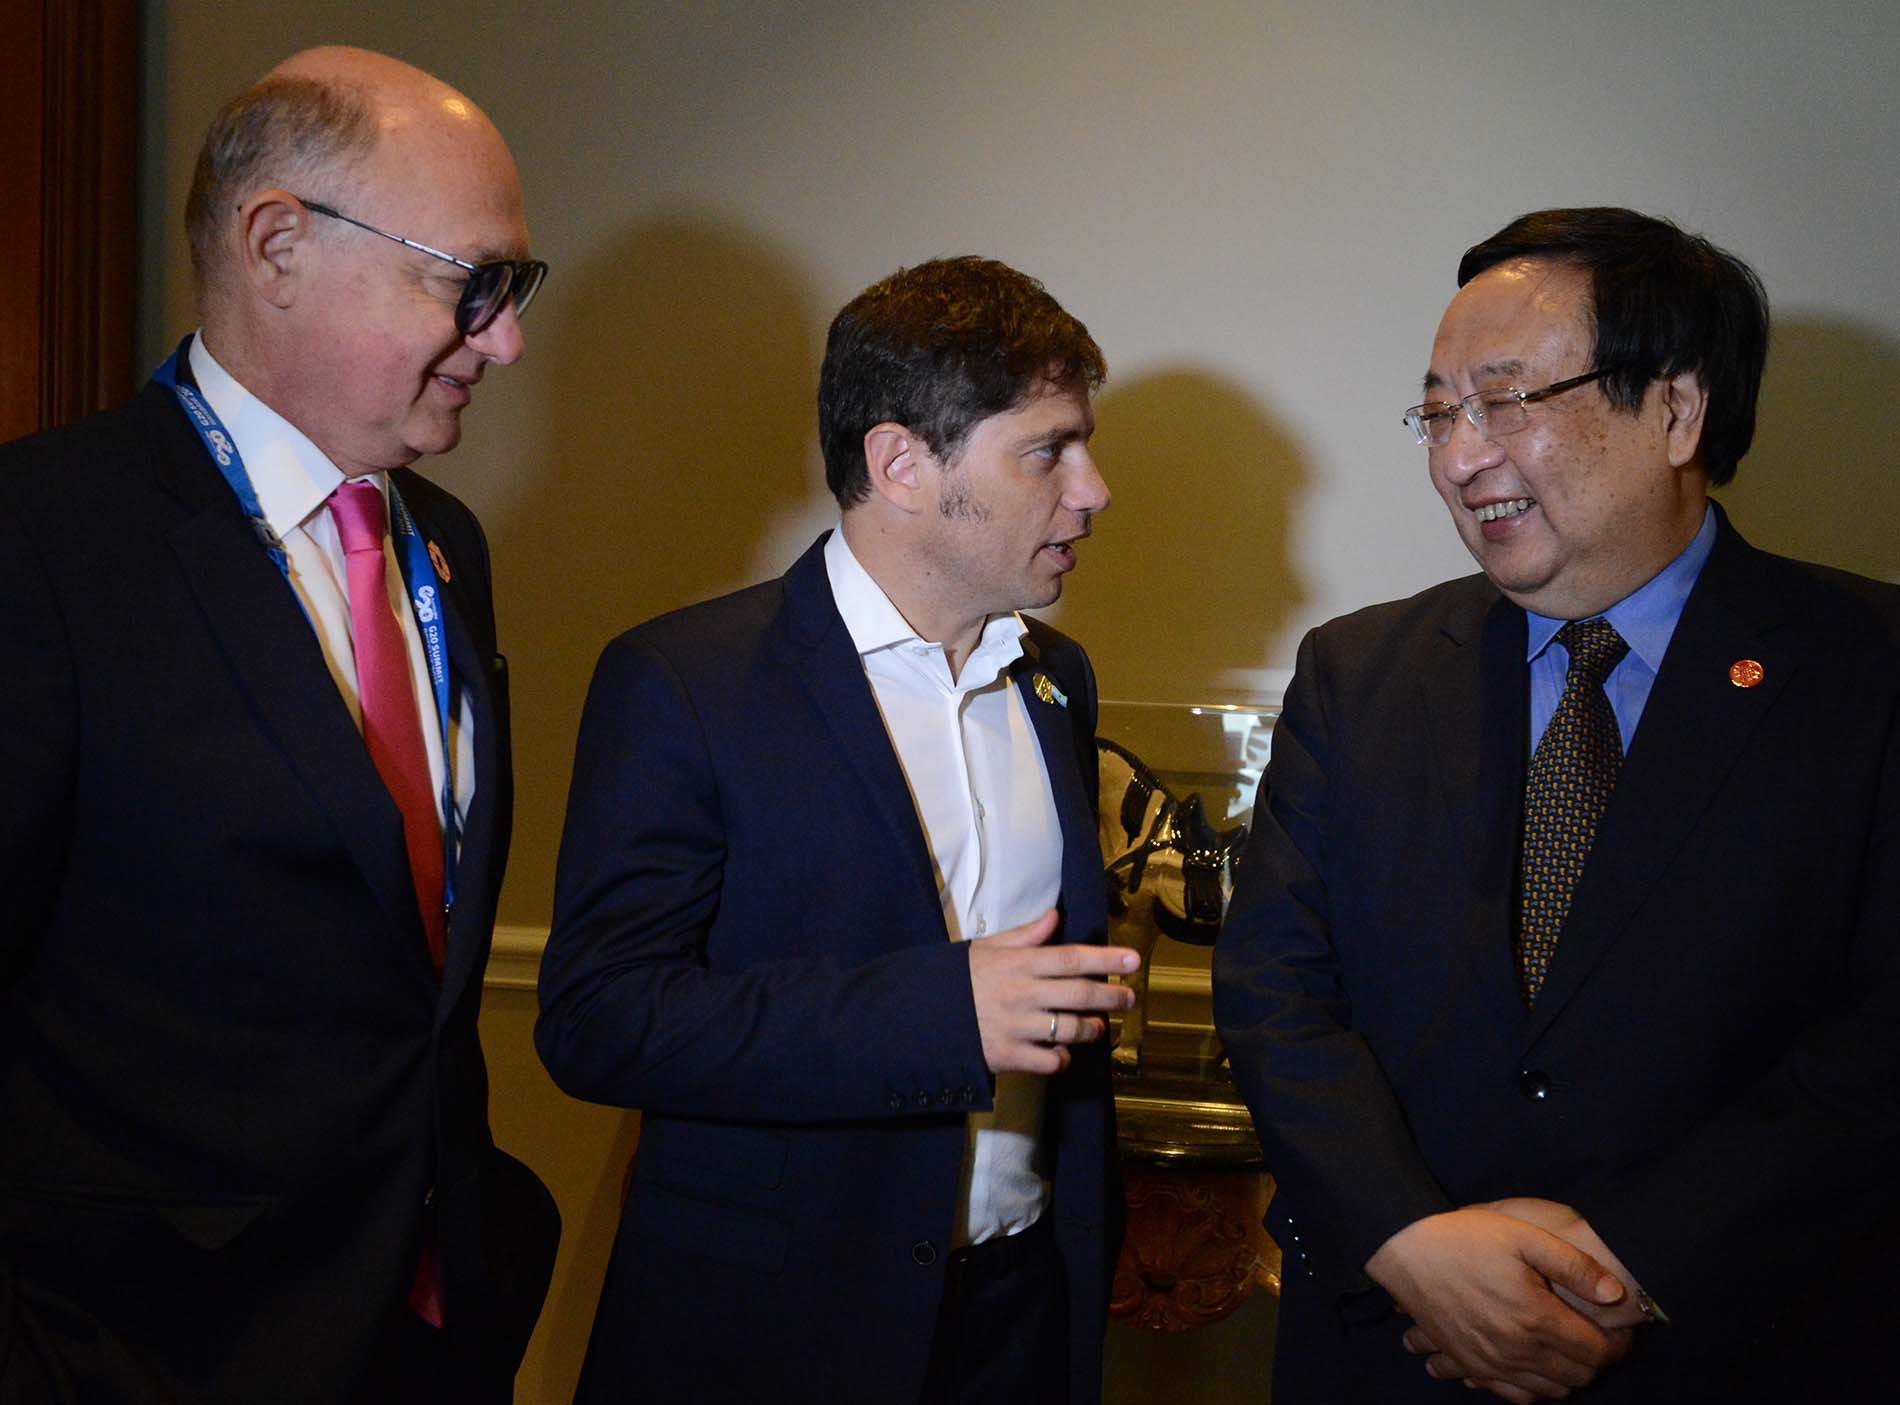 15112014kicillof junto al vicepresidente de la comisin nacional de reforma y desarrollo de china zhu zhixin2